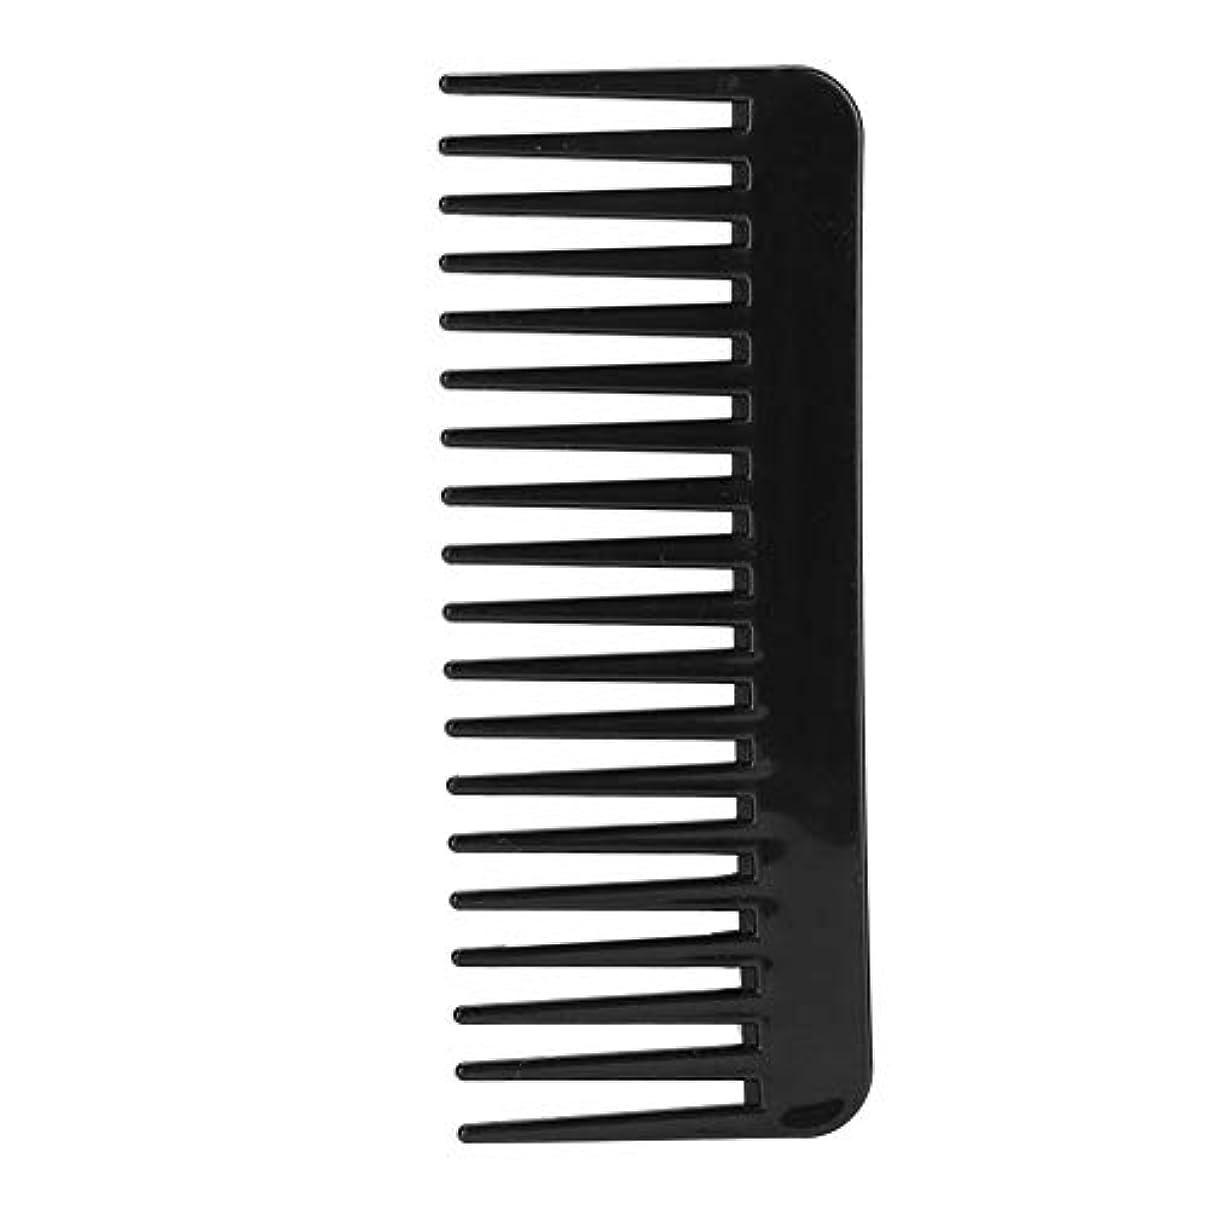 露骨な矢悪性腫瘍オイルの髪の櫛、男性のための携帯用理髪のヘアスタイルの広い歯のレトロオイルヘアツール櫛